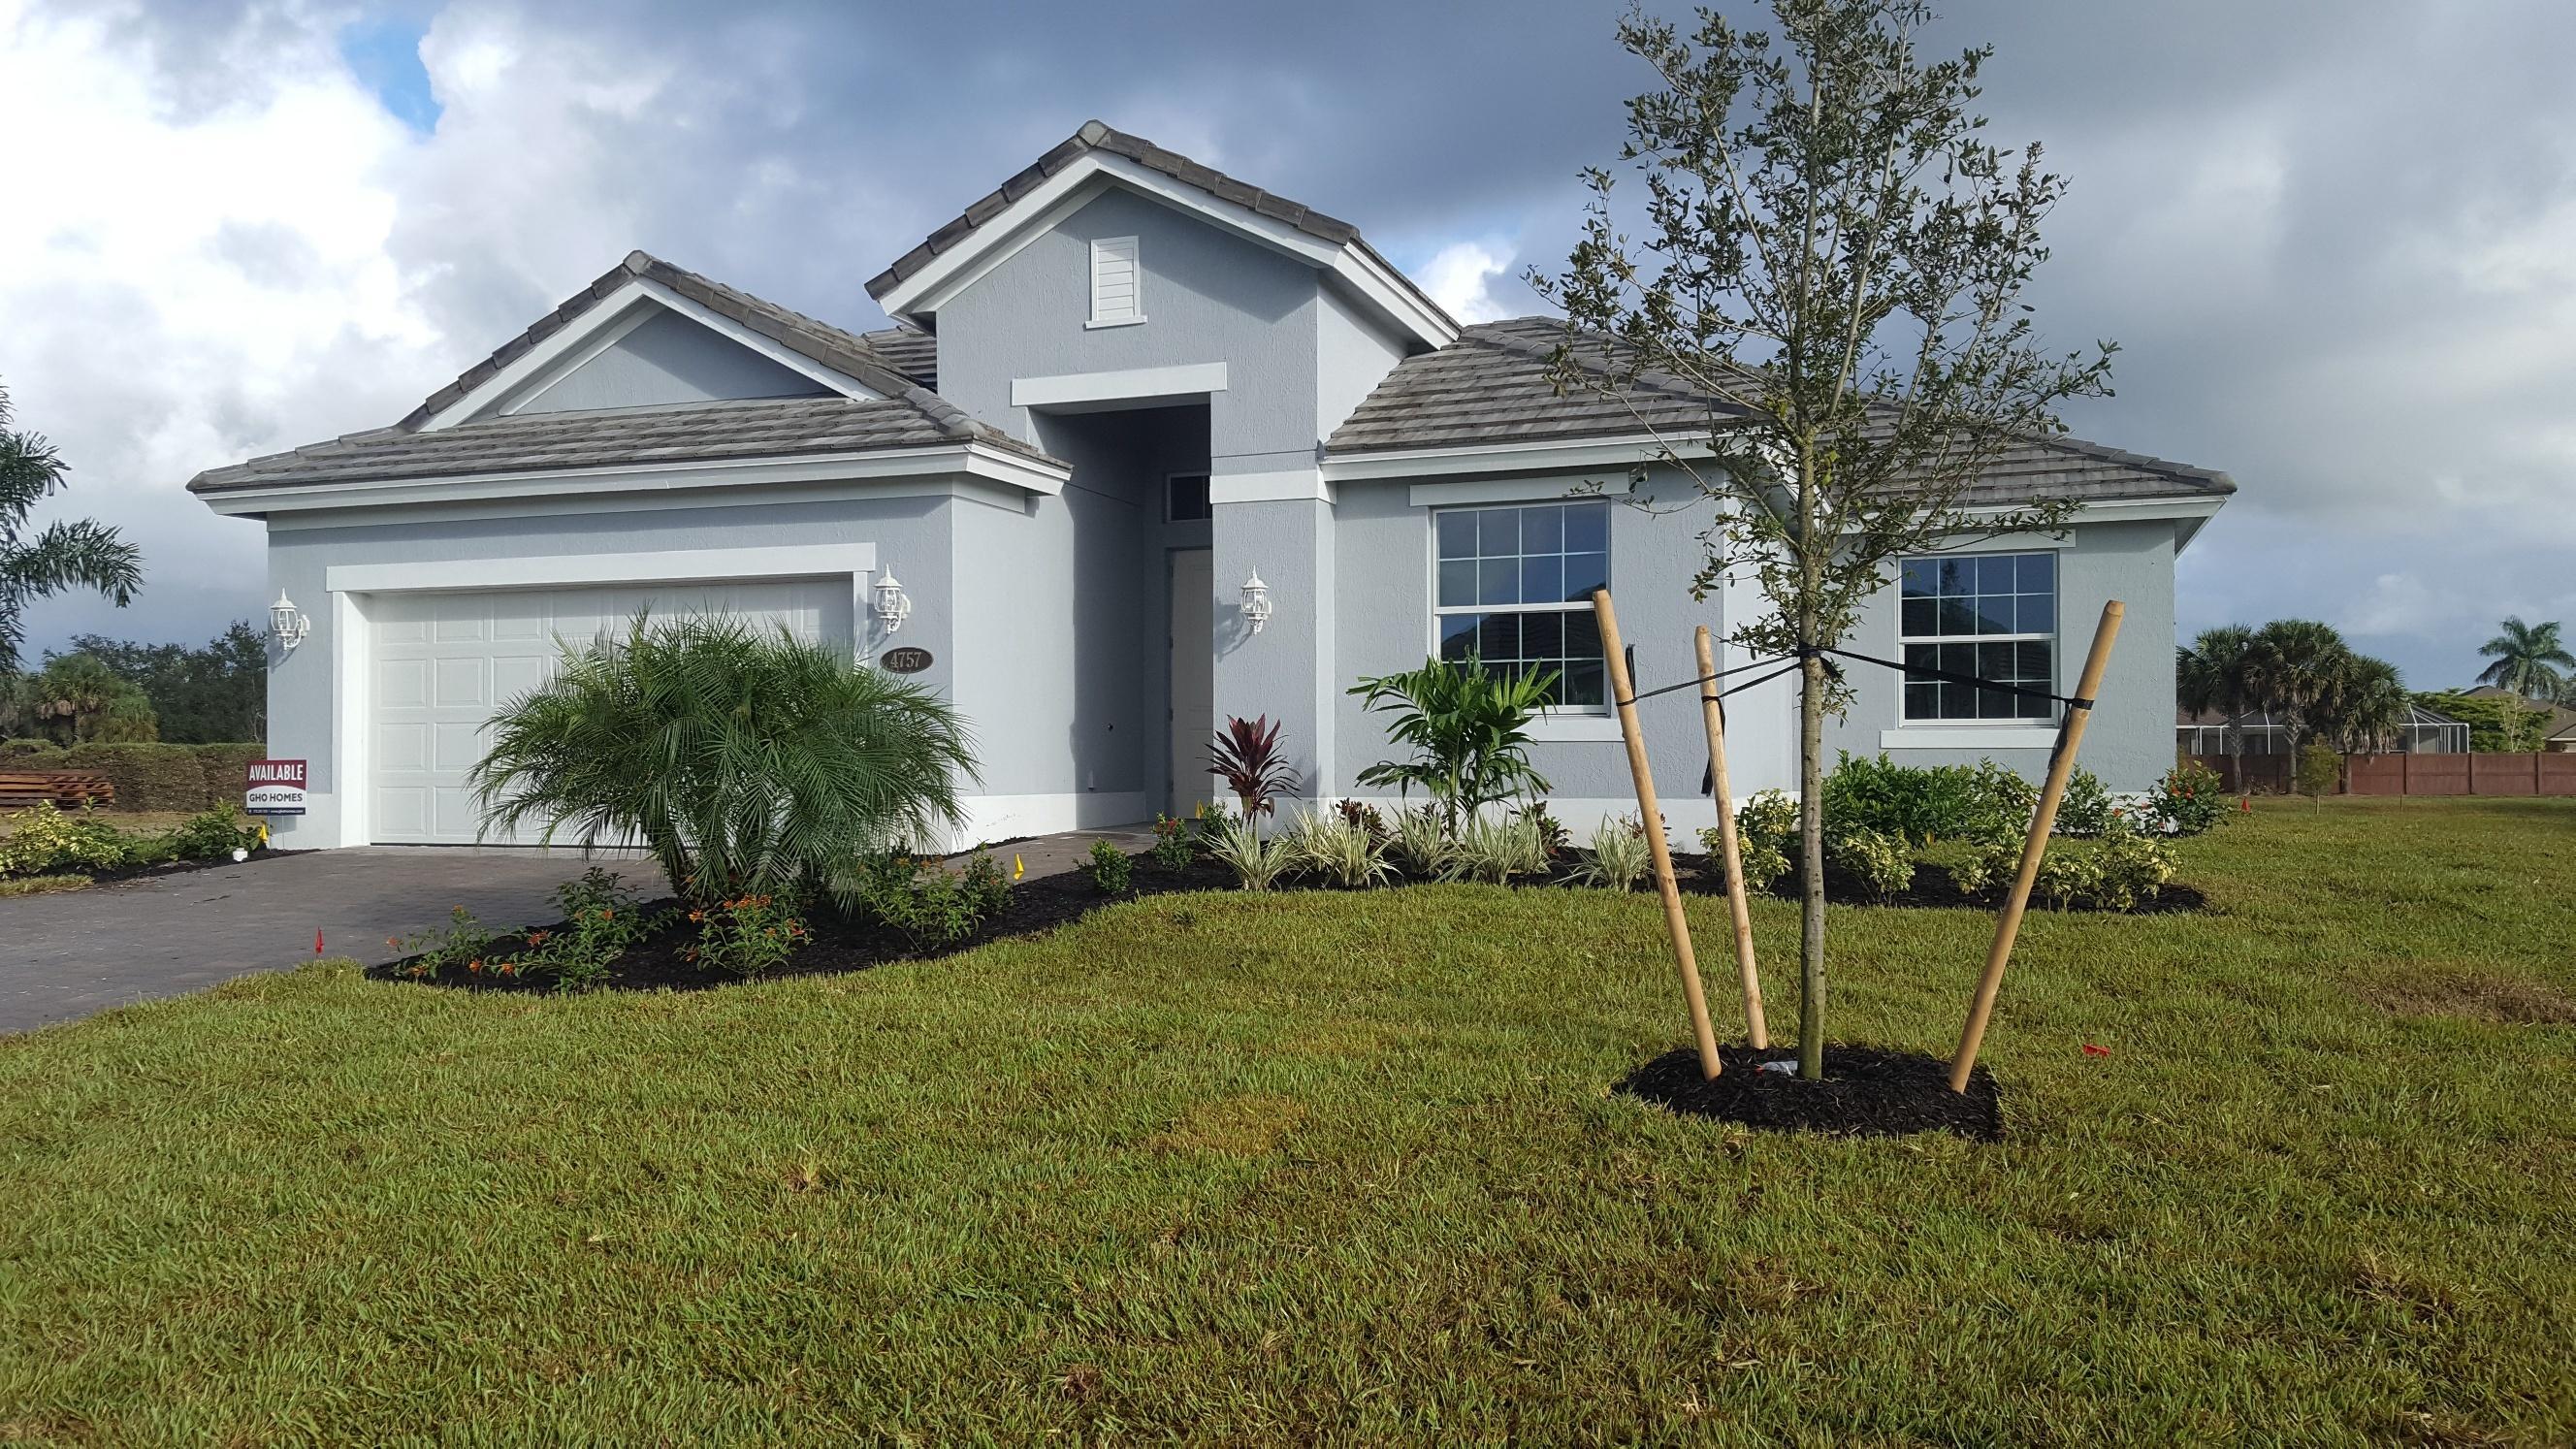 Photo of 4712 Four Lakes Circle SW, Vero Beach, FL 32968